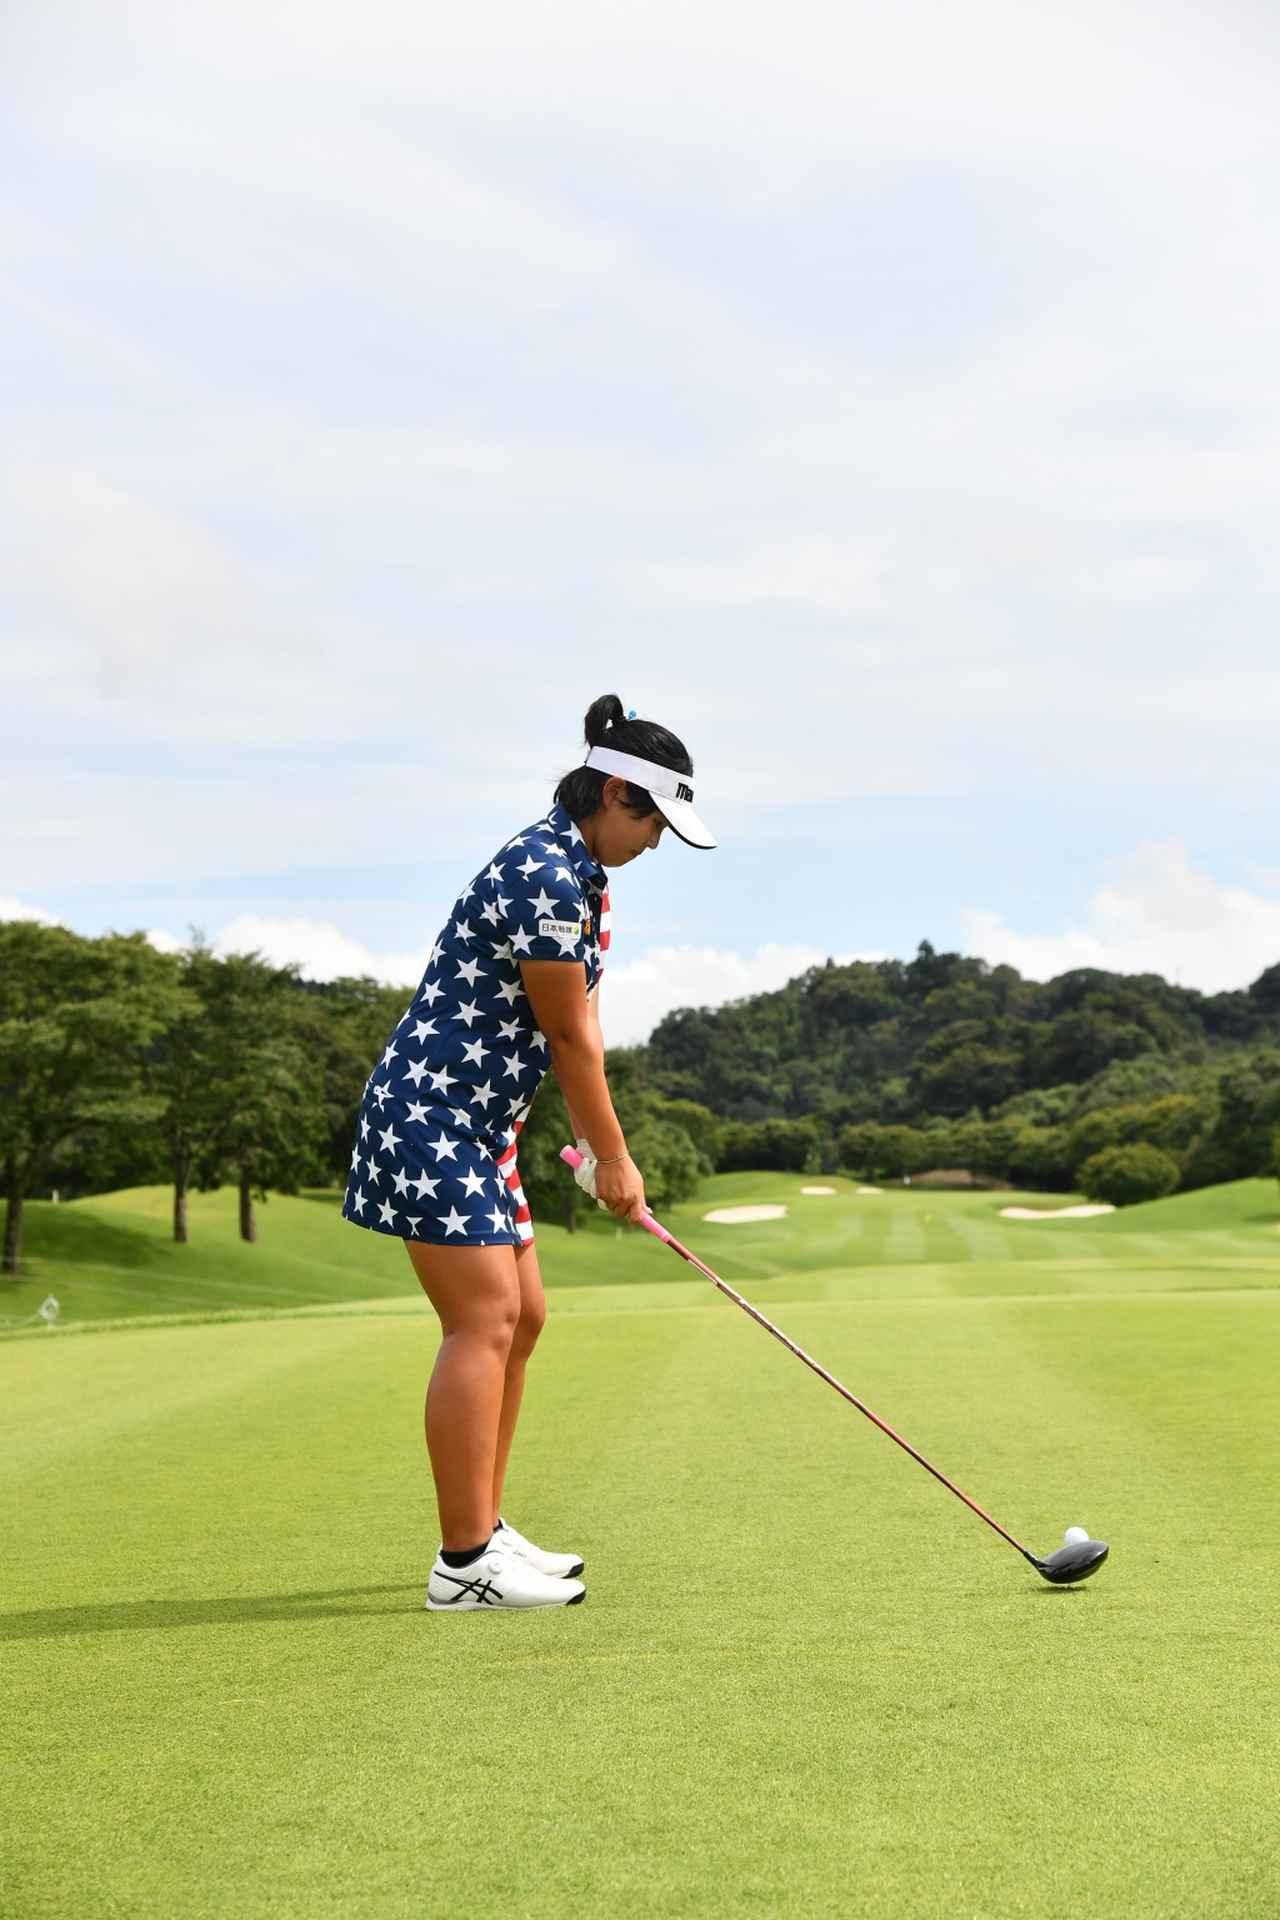 画像: 1番目の画像 - ささきしょうこのドライバー連続写真 - みんなのゴルフダイジェスト